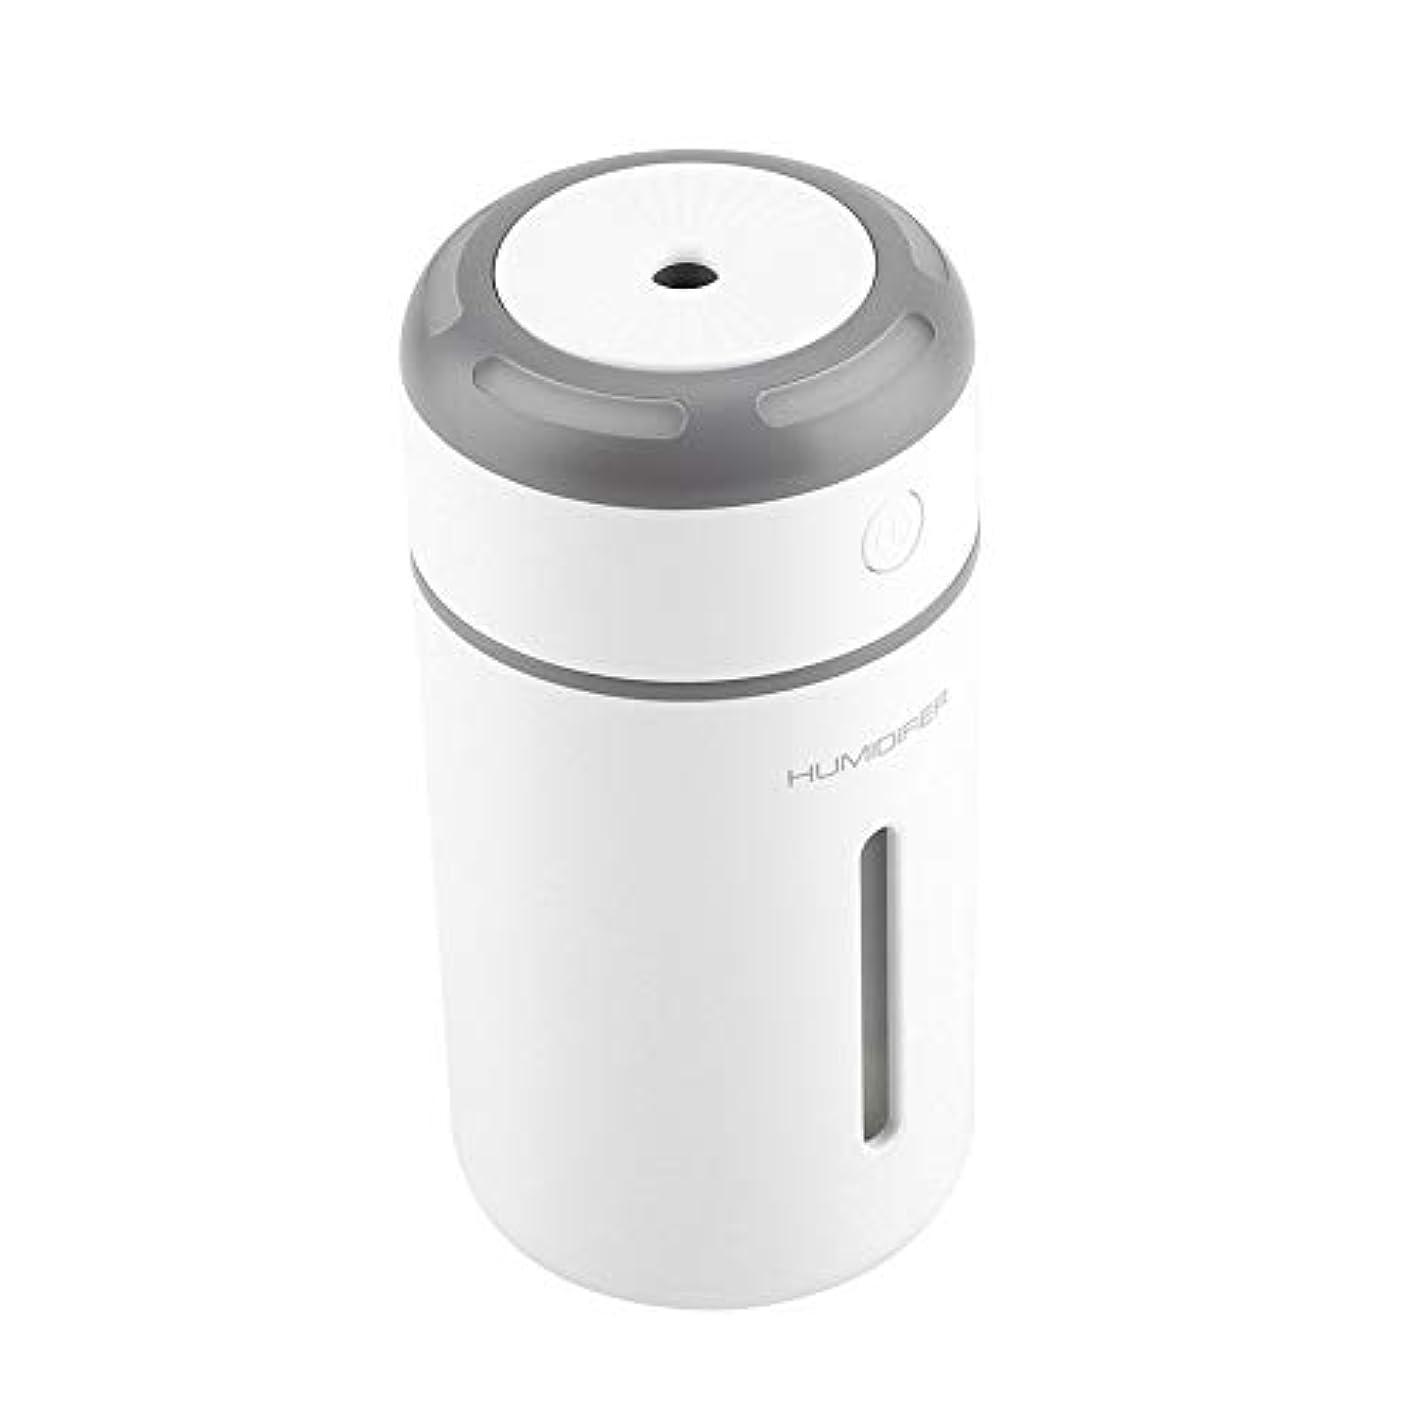 公園勘違いするゴミ箱を空にする携帯用拡散器、車のオフィスのためのUSBケーブルが付いている超音波加湿器7色LEDライト拡散器